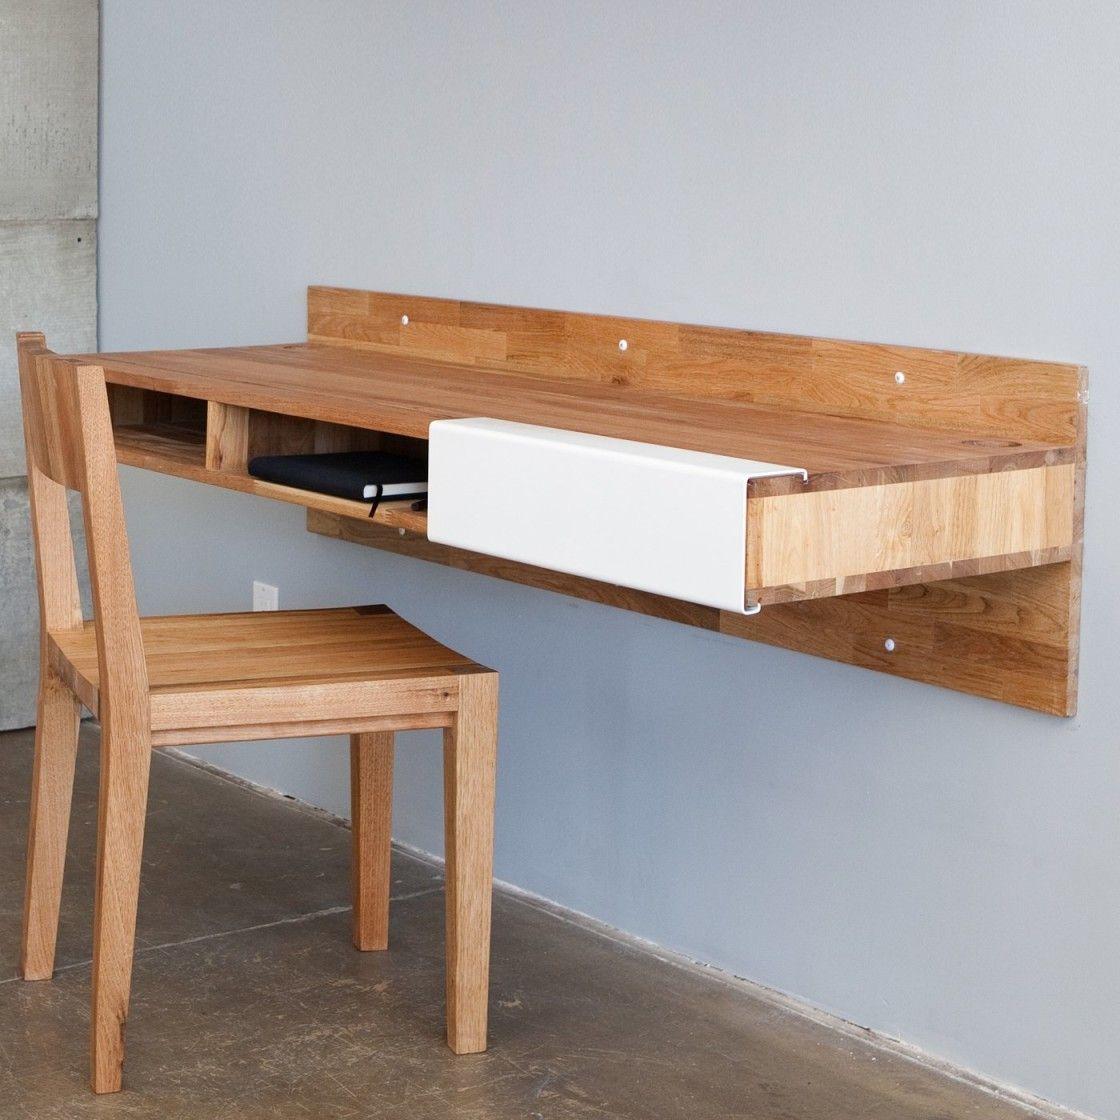 Homemade Wooden Computer Desk